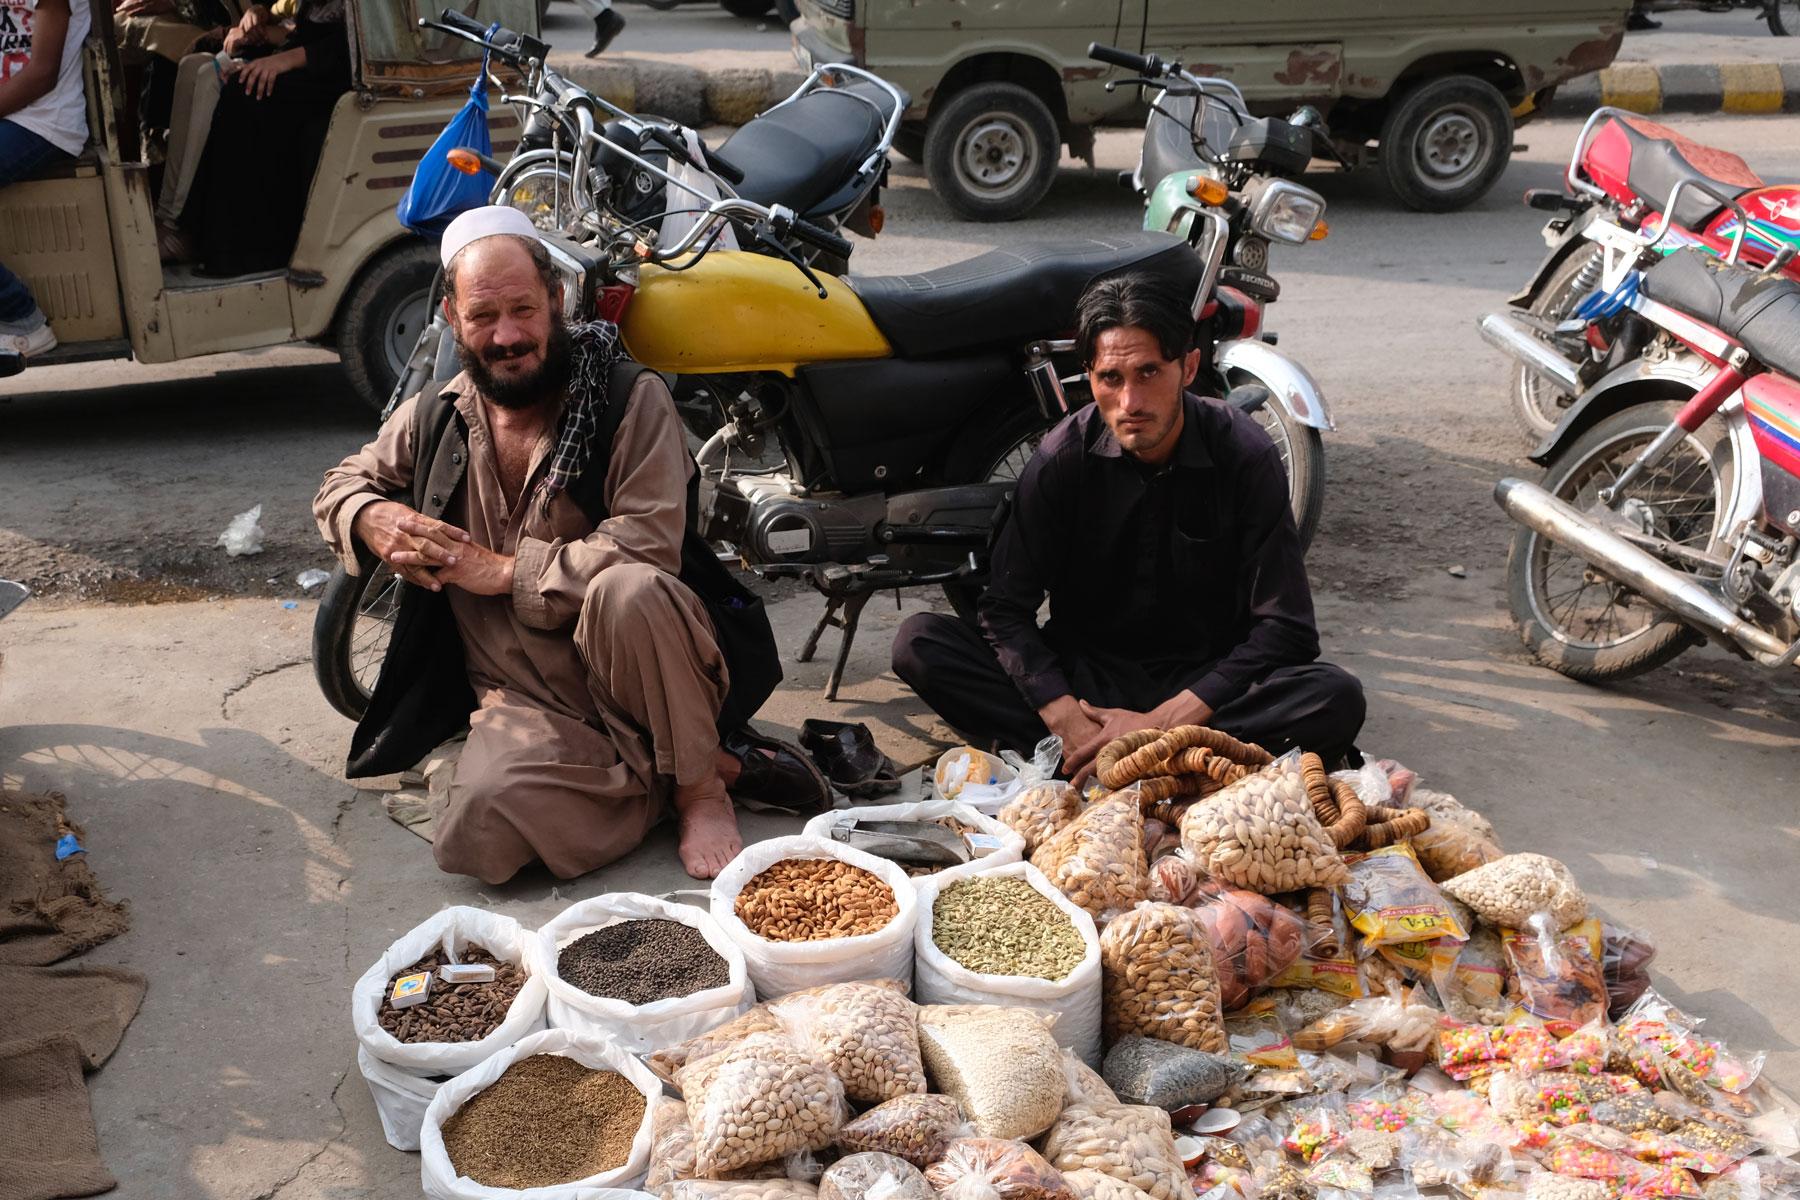 Zwei Männer sitzen auf dem Boden und verkaufen Trockenfrüchte und Nüsse.